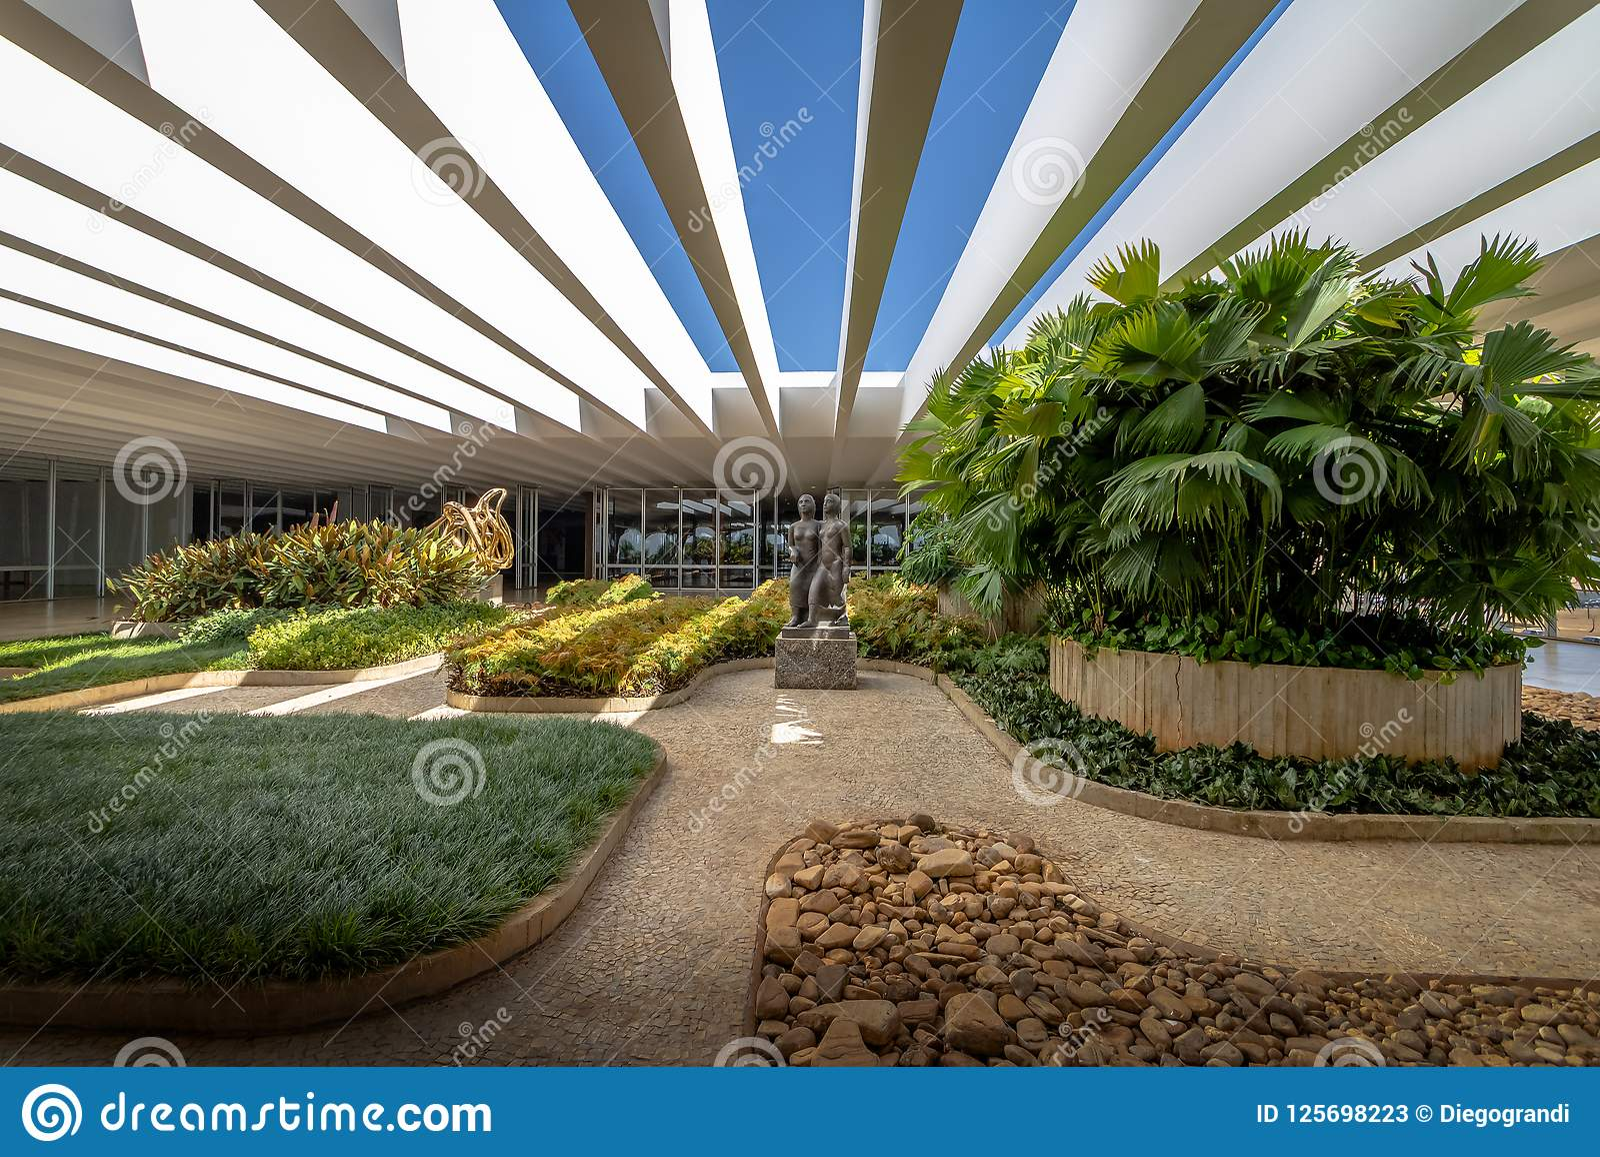 Jardines De La Terraza Del Palacio De Itamaraty Brasilia